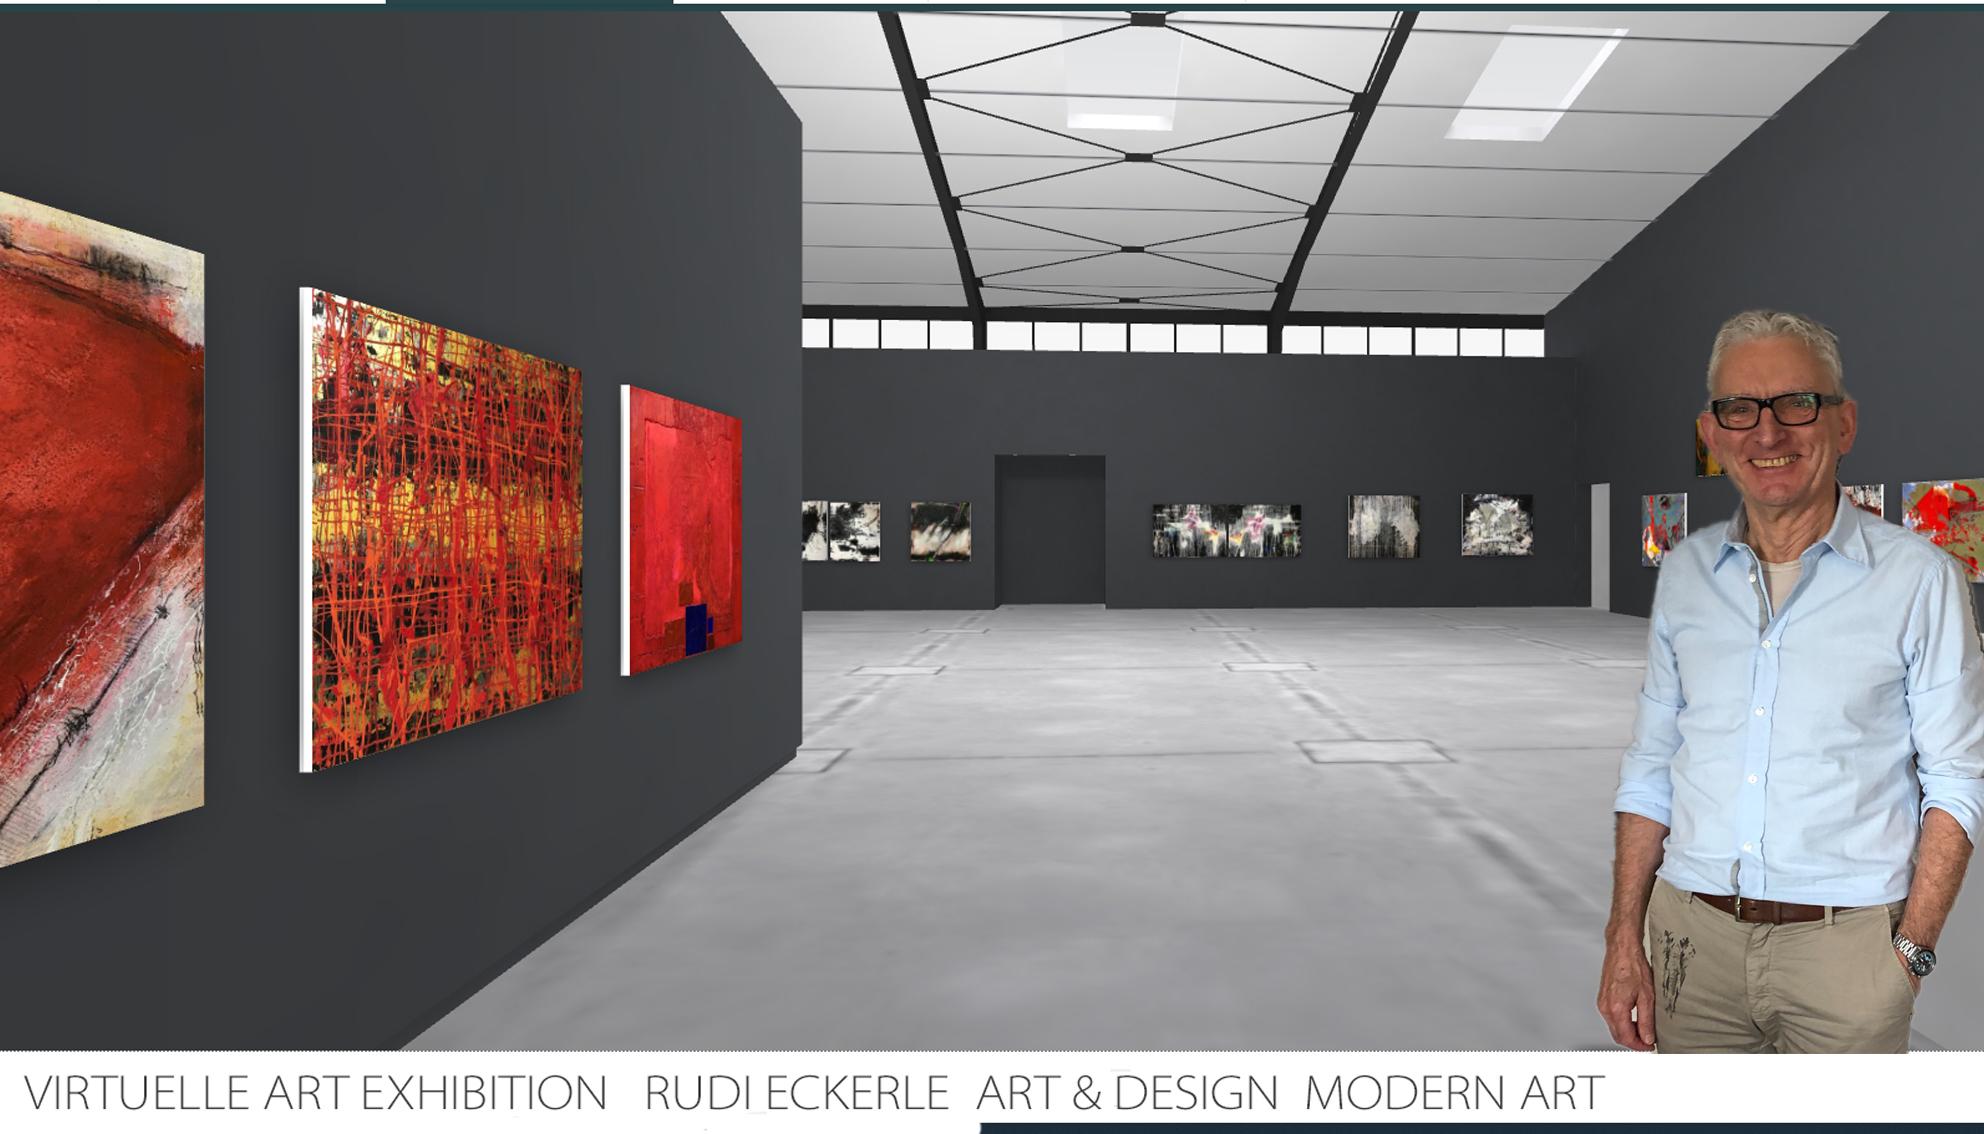 Virtuelle ART EXHIBITION